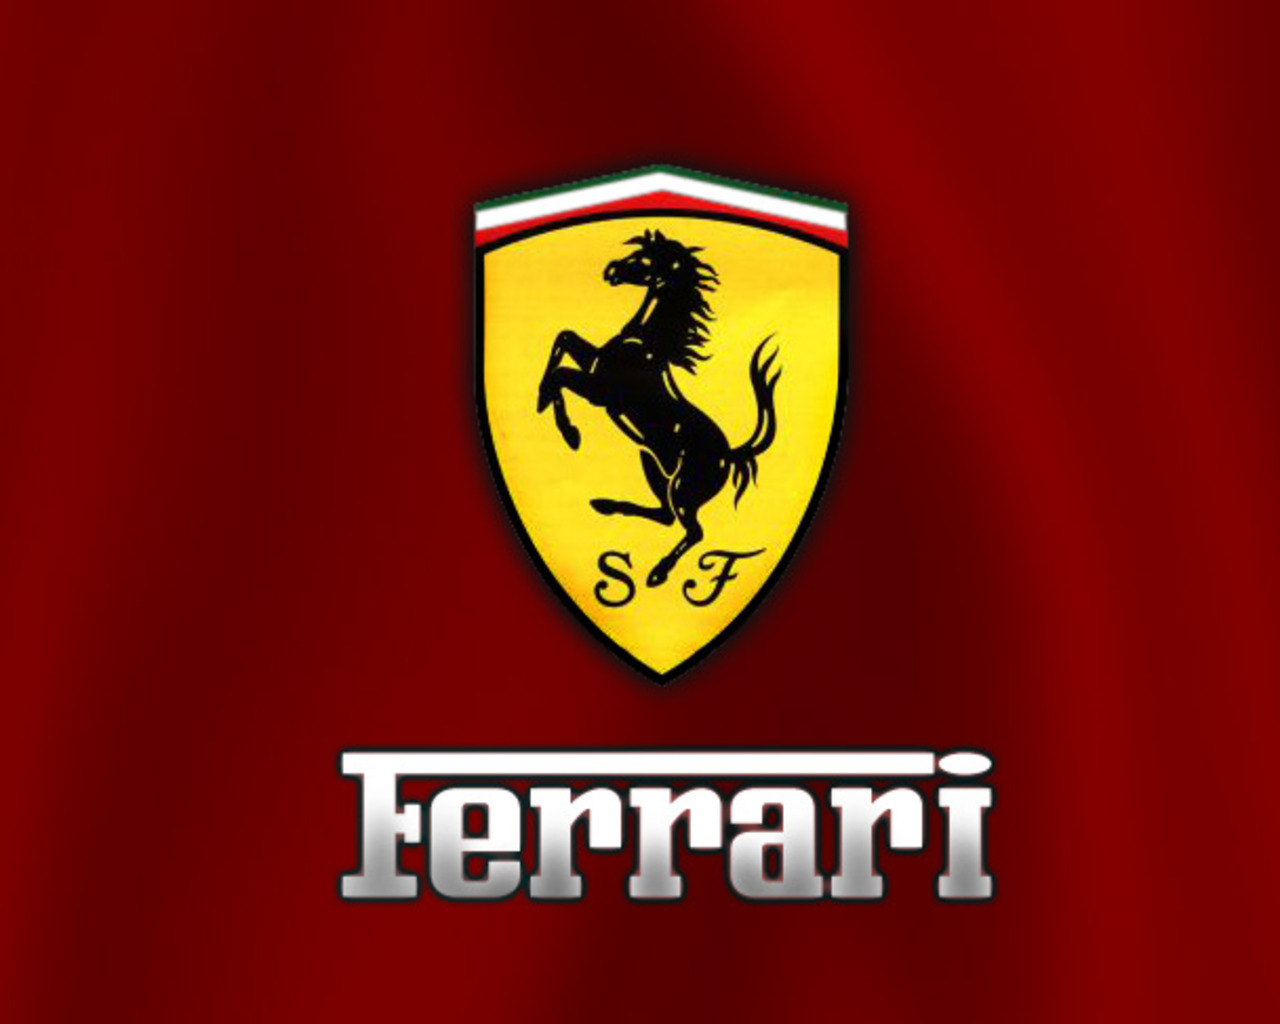 Ferrari Logo Wallpaper Download